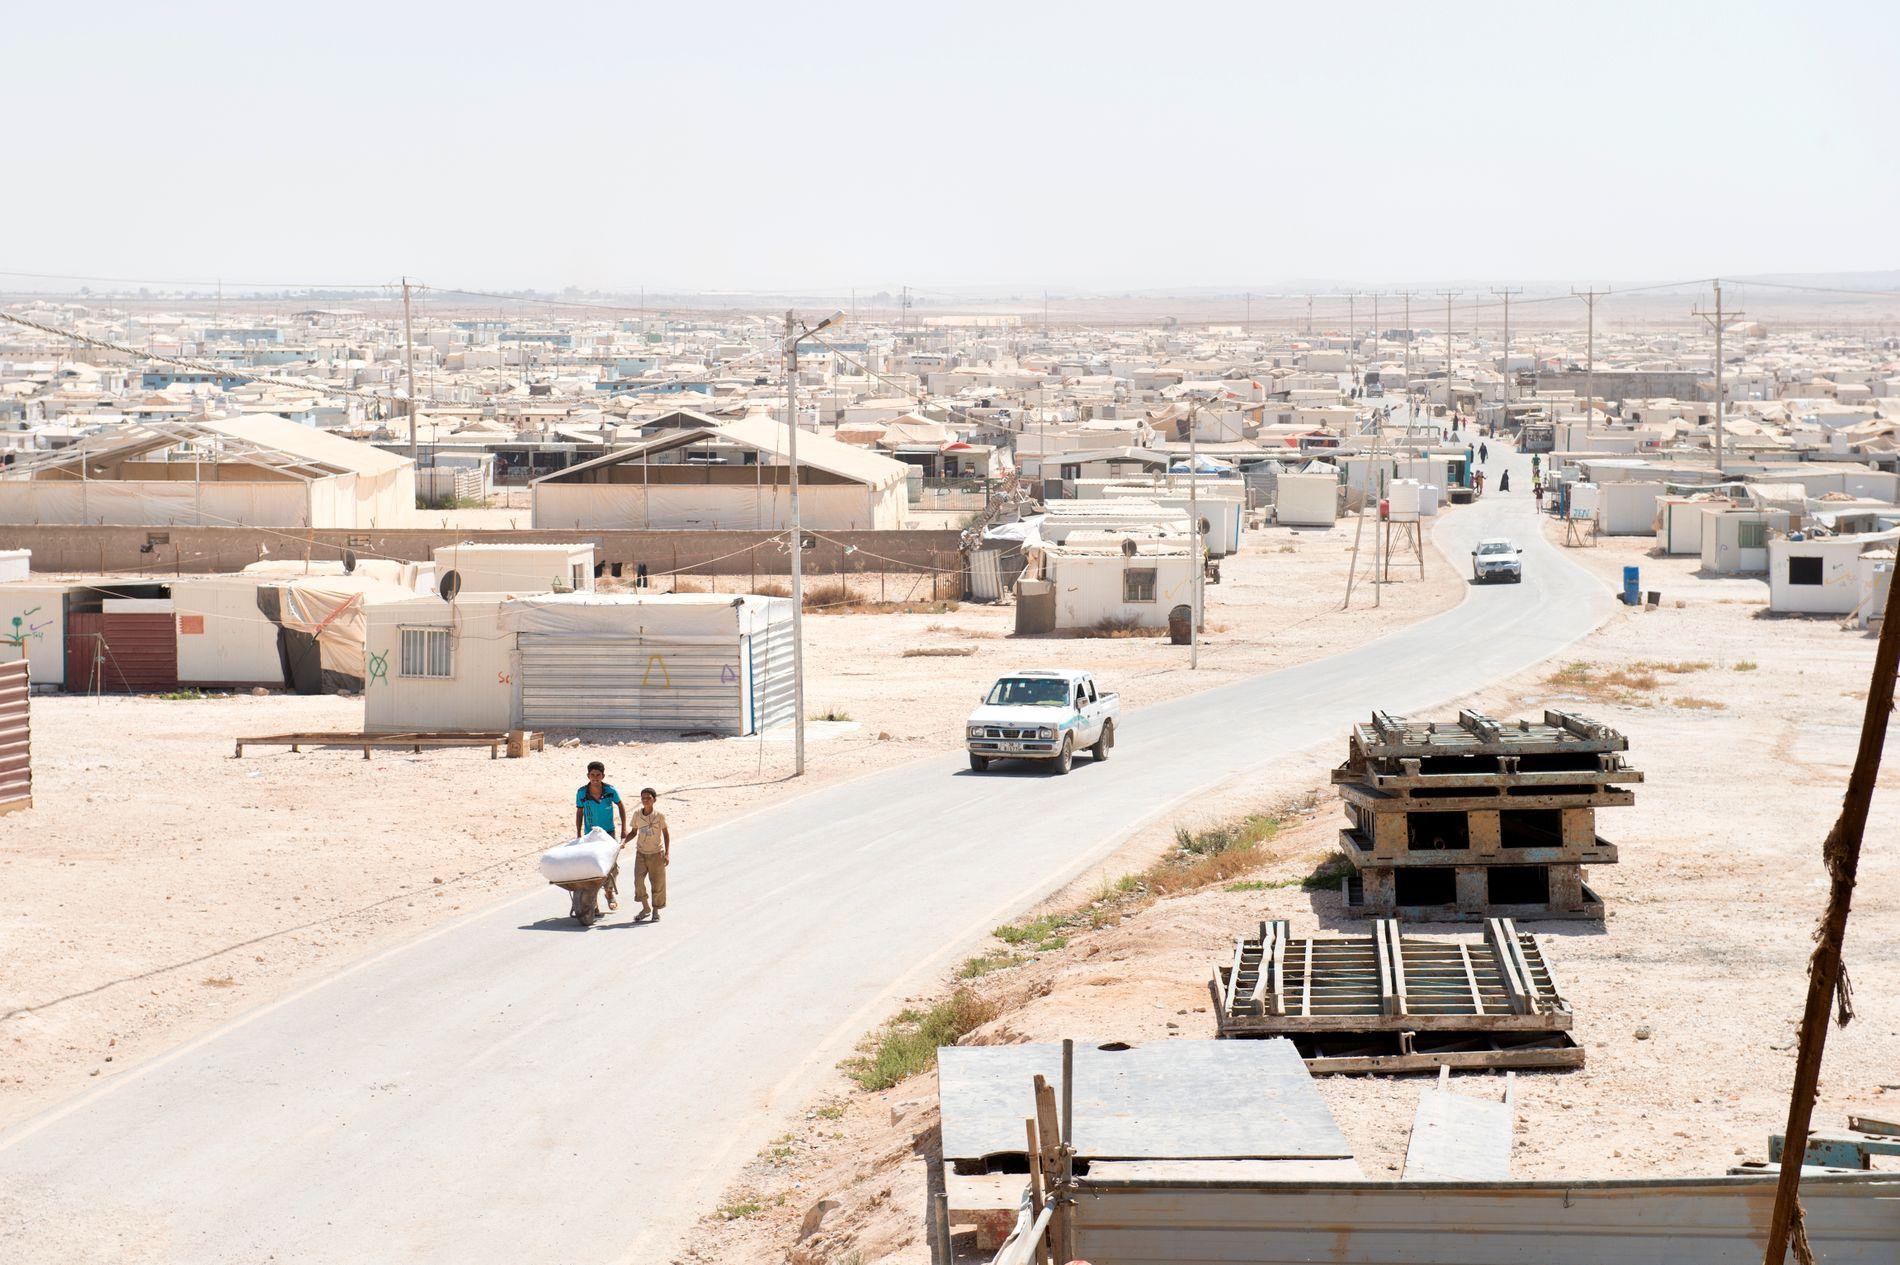 KUMMERLIGE FORHOLD: Rundt 30 norske barn lever i flyktningleirer som denne, i Syria og nabolandene. Dette bildet er fra leiren Zaatari i Jordan, på grensen mot Syria.